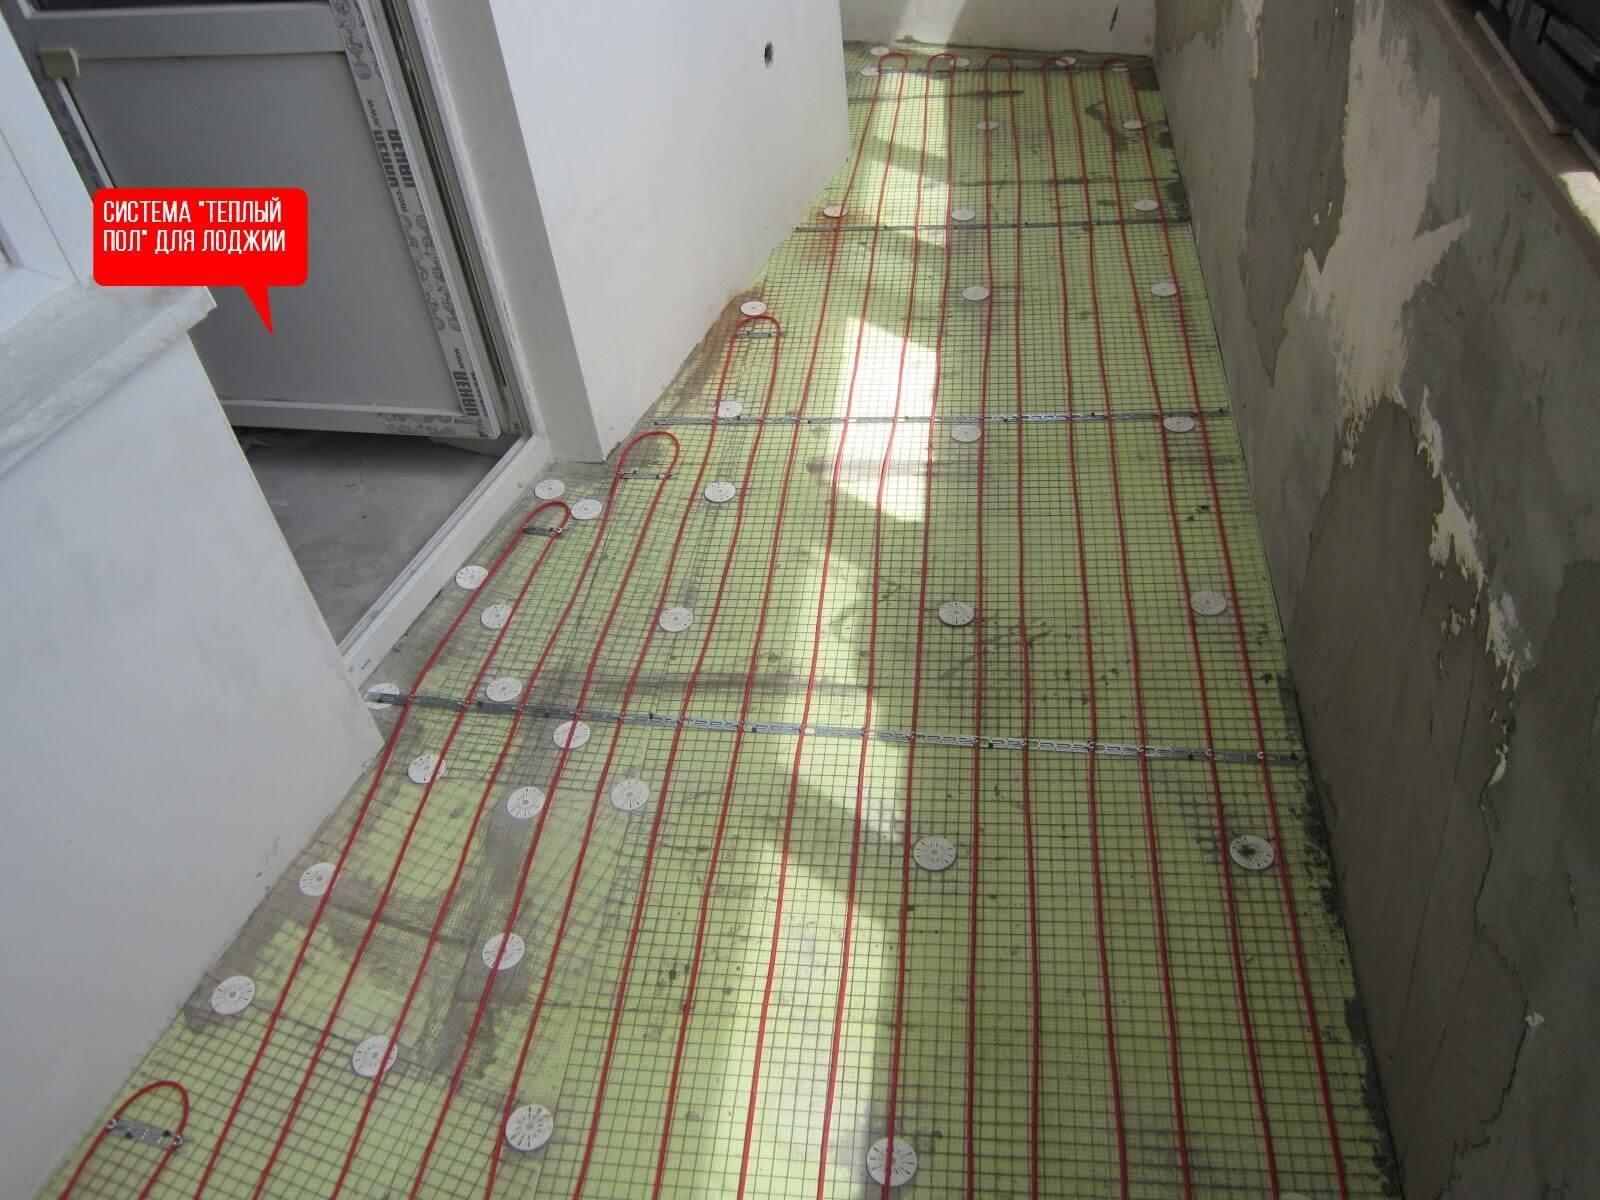 Монтаж электрического теплого пола на балконе, установка кабельного или пленочного пола на лоджии фото, видео